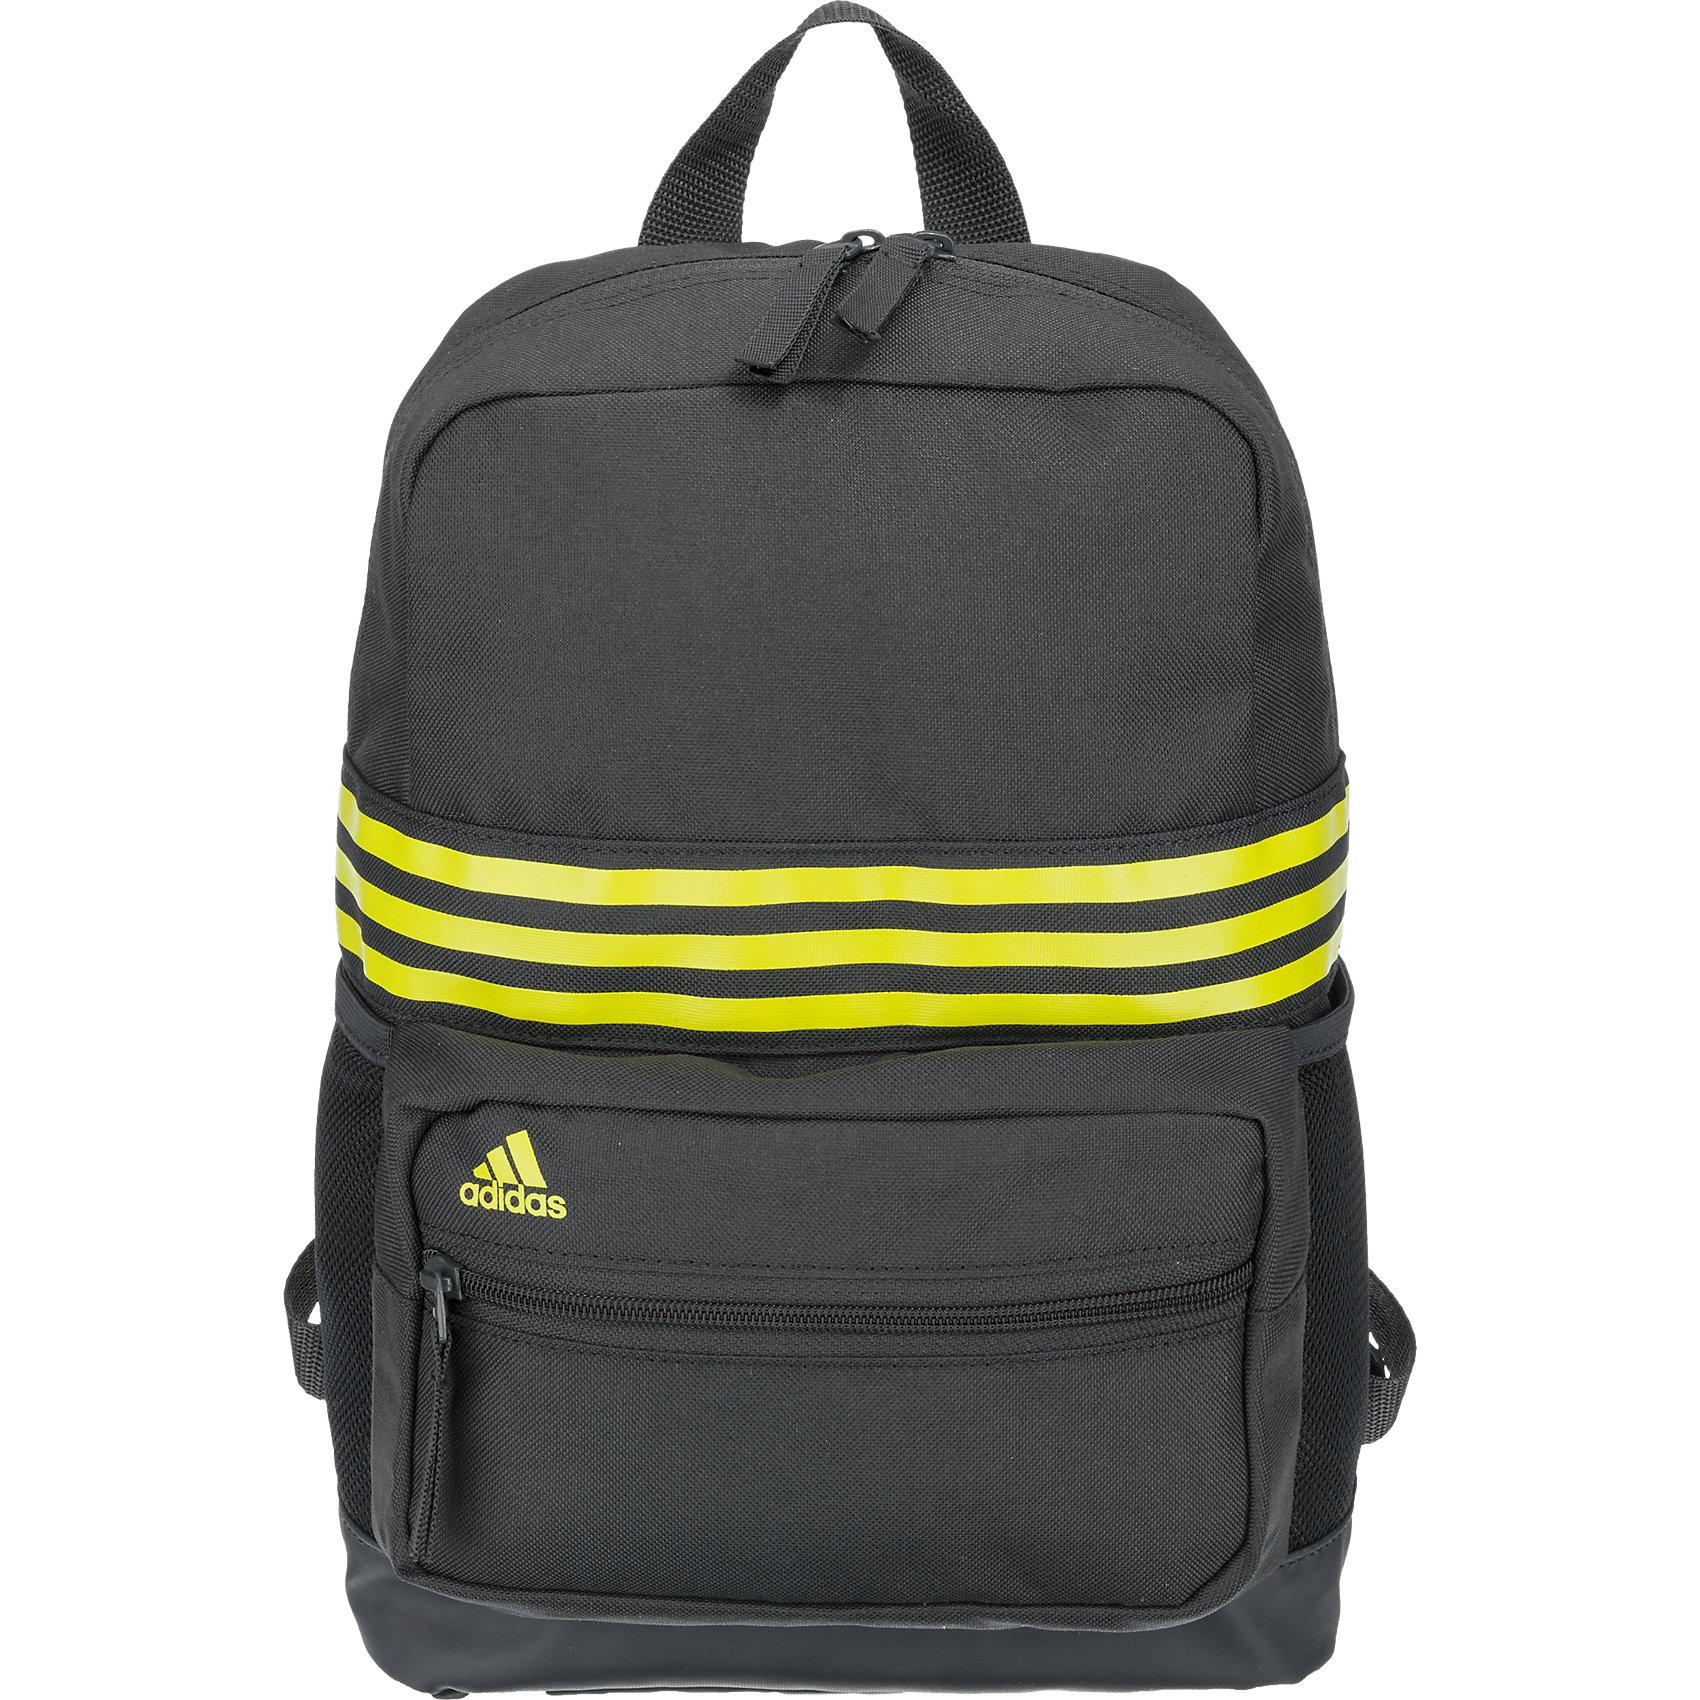 Рюкзак adidasСпортивная одежда<br>Рюкзак Аdidas (Адидас).<br><br>Характеристики:<br><br>• Цвет: черный, желтый.<br>• Состав: 100% полиэстер.<br>• Размер:11х23,5х33см.<br>• Рюкзак с большим количеством карманов и удобными ремешками.<br>• Сделано с жестким ламинированным основанием.<br>• Основное отделение на молнии<br>• Передний карман на молнии  для важных вещей<br>• Два боковых сетчатых кармана     <br>• Воздух сетки проложенные плечевые ремни с эргономичной формой   <br>• Петля на вершине для переноски в руках    <br><br>Рюкзак Adidas (Адидас) – это детский рюкзак от известного спортивного бренда. Рюкзак выполнен в черном цвете и декорирован яркими желтыми полосками, а также логотипом торговой марки. Основное отделение на молнии. Наружный карман на молнии. Для удобства предусмотрены боковые сетчатые карманы. У данной модели регулируемые эргономичные лямки, дно с прочным ламинированием из термопластичной резины Модель одинаково подходит и  мальчикам и девочкам. Пусть ваши дети занимаются спортом с комфортом!<br><br>Рюкзак Adidas (Адидас), можно купить в нашем интернет – магазине.<br><br>Ширина мм: 349<br>Глубина мм: 296<br>Высота мм: 76<br>Вес г: 246<br>Цвет: серый<br>Возраст от месяцев: 60<br>Возраст до месяцев: 2147483647<br>Пол: Мужской<br>Возраст: Детский<br>SKU: 4756679